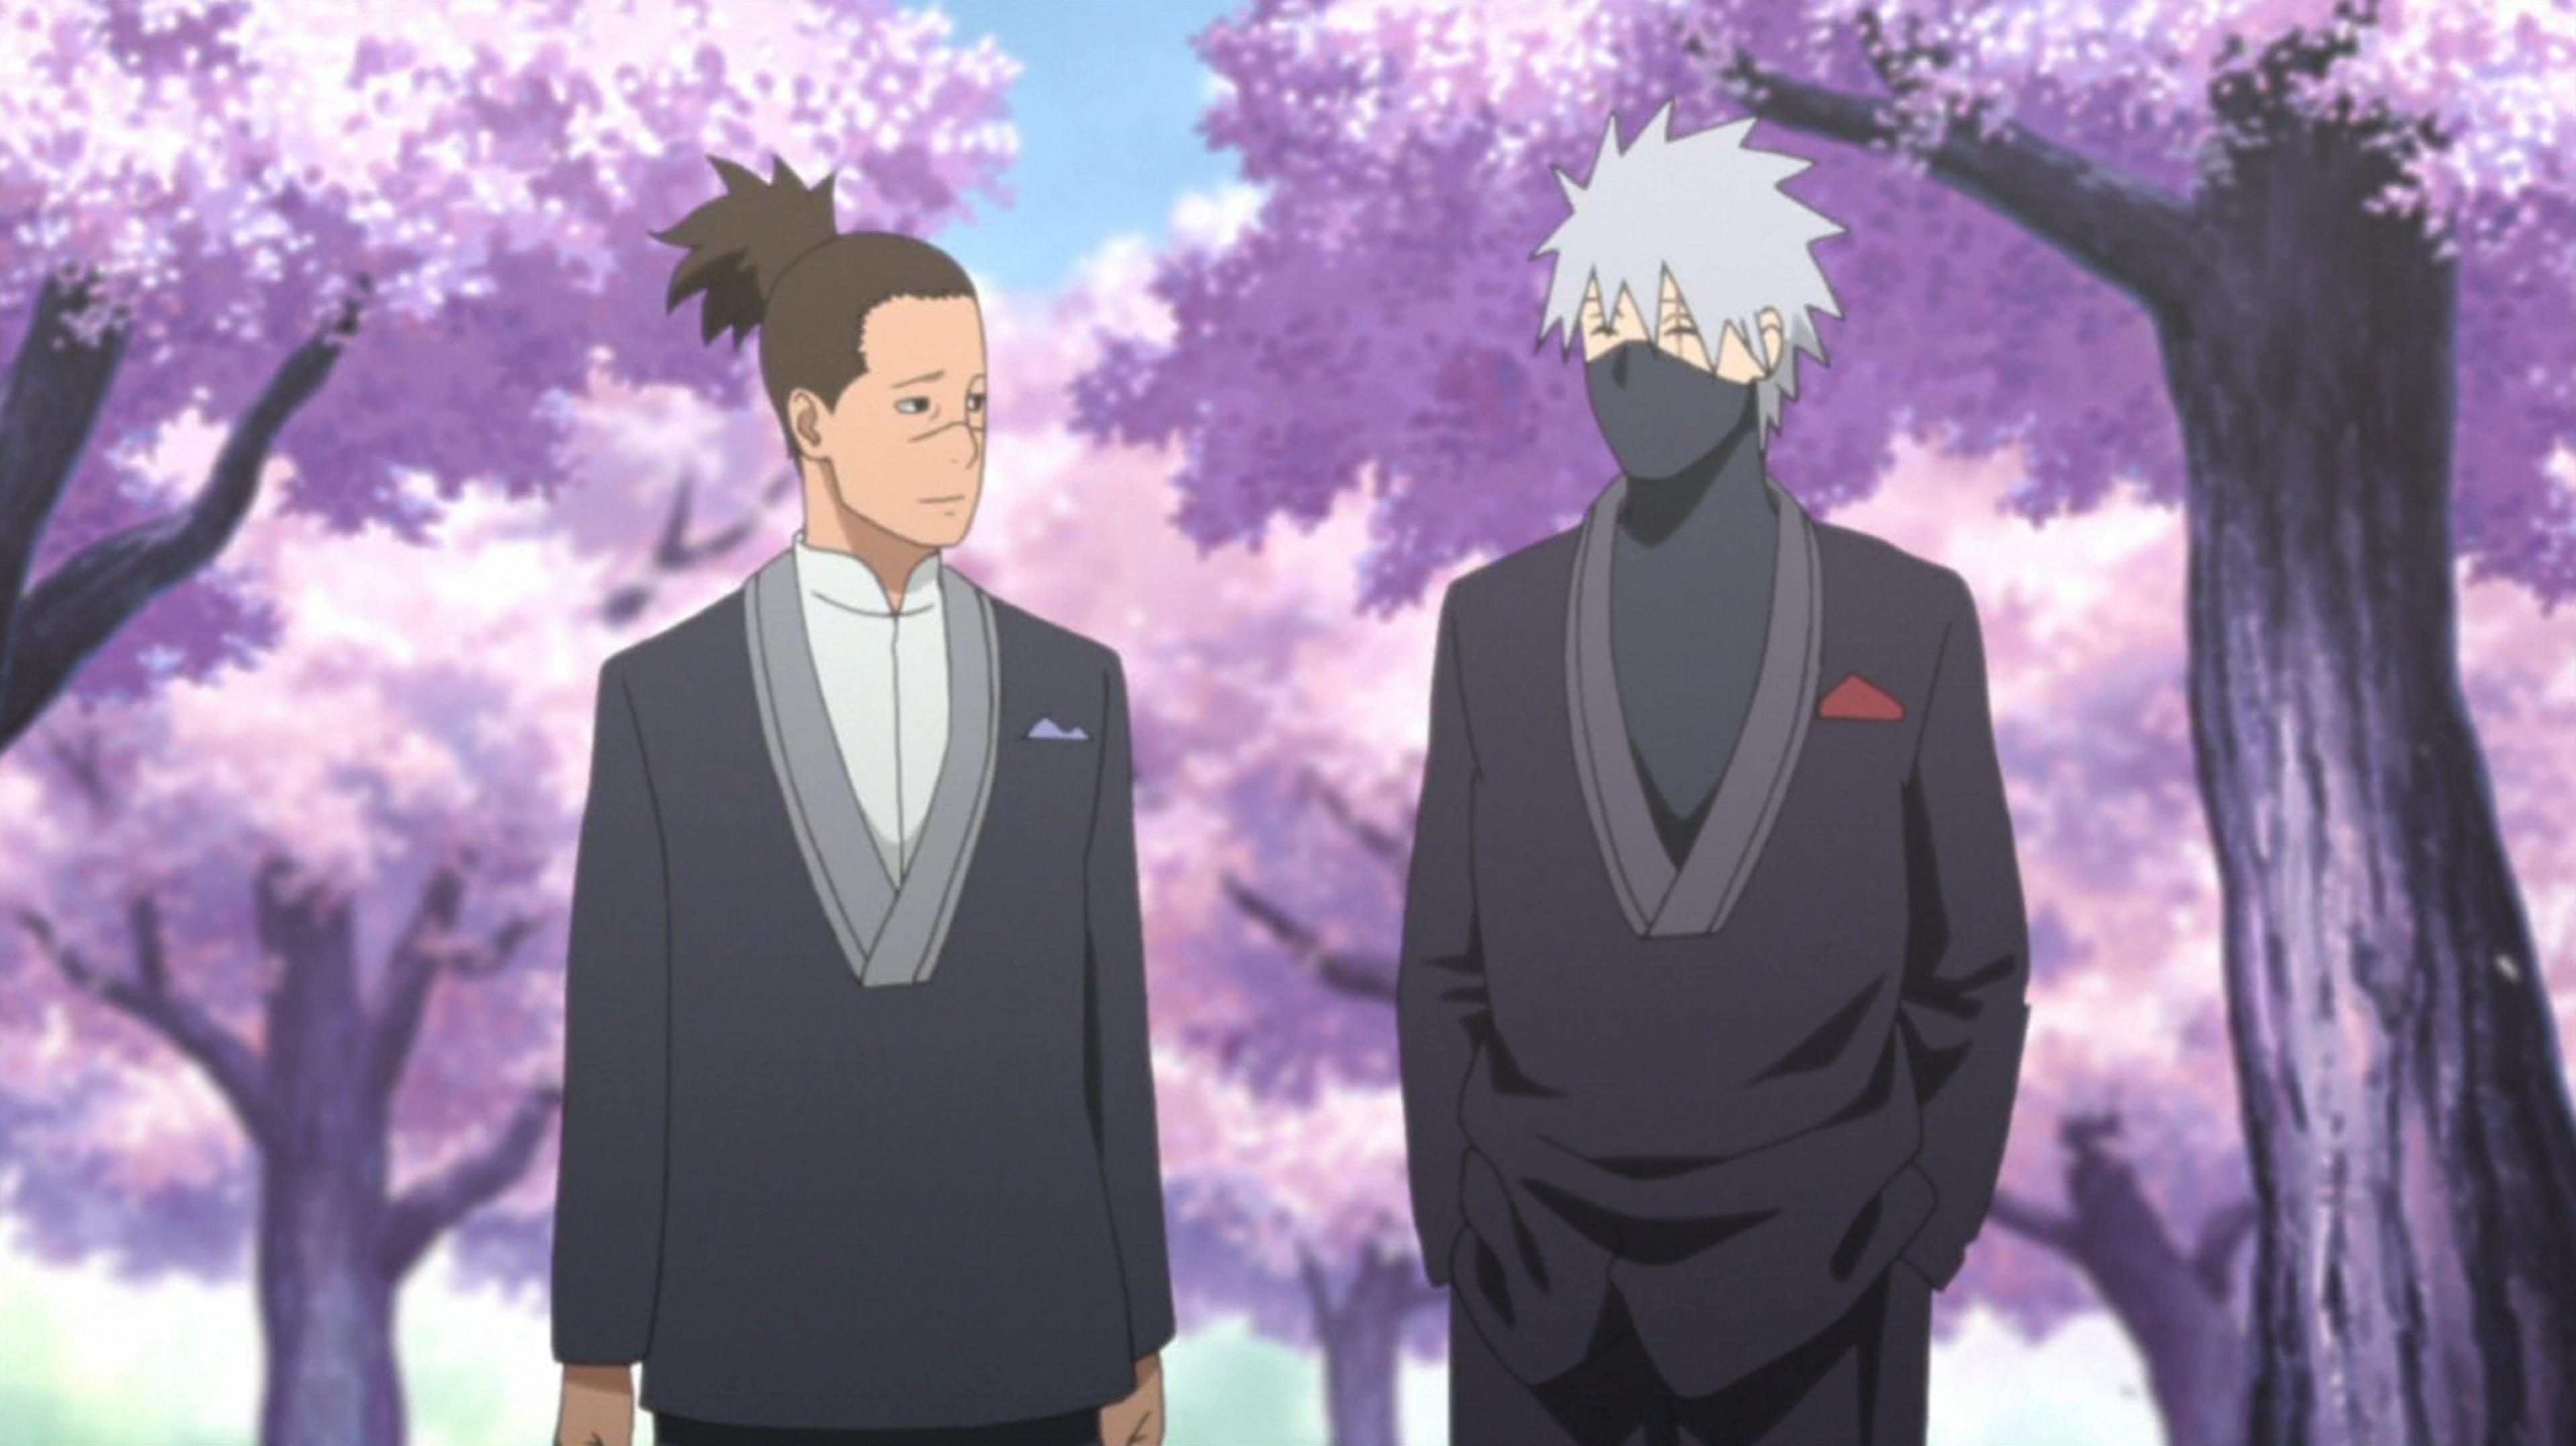 Both Sensei Kakashi And Iruka At Nature S Wedding Day Anime Anime Naruto Kakashi Hatake